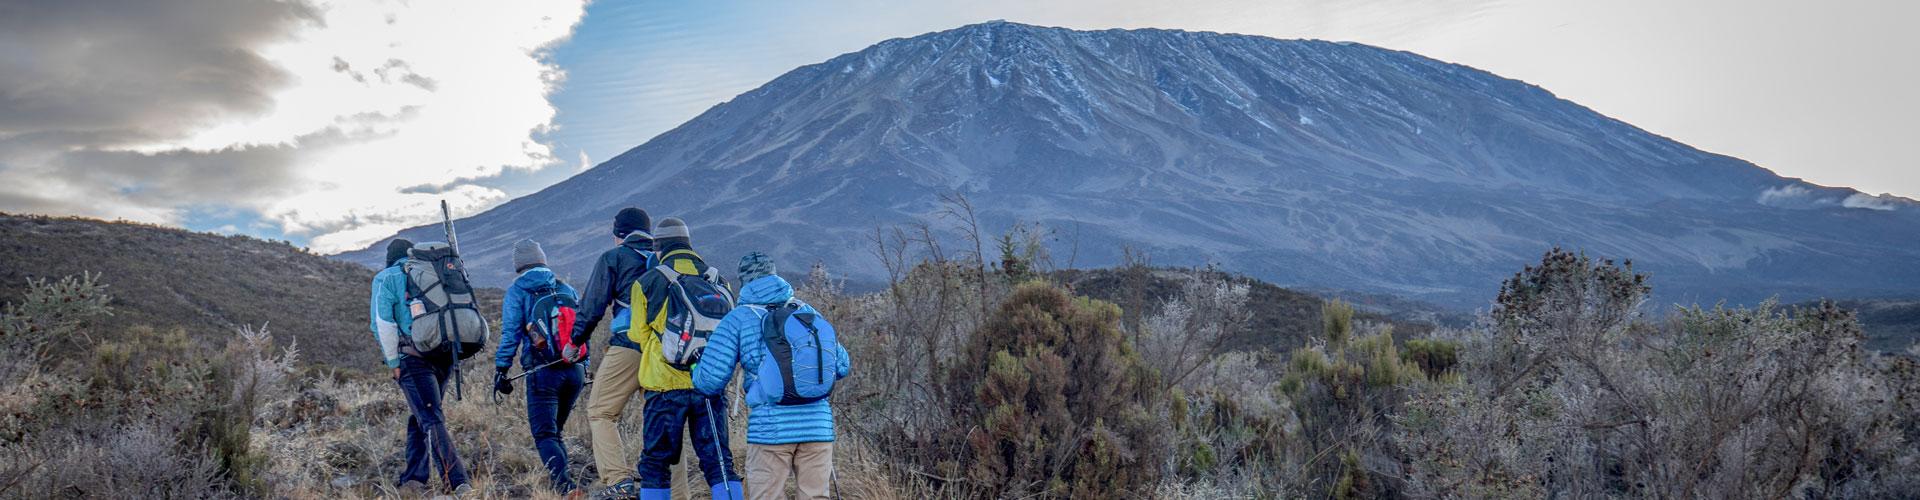 Kilimanjaro: Marangu Route